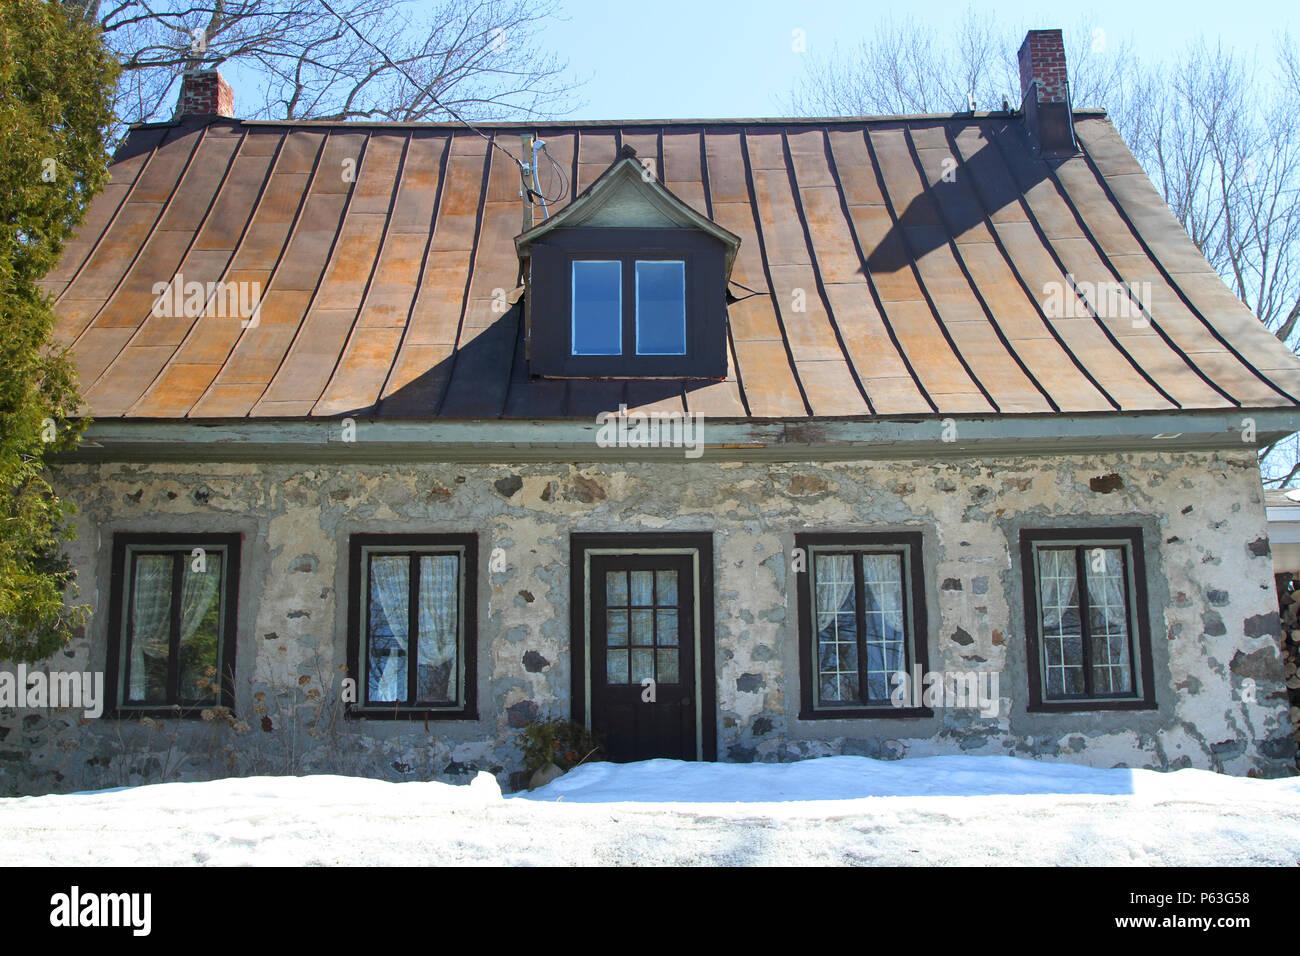 Dachgaube Dach Haus Himmel Architektur Stockfotos